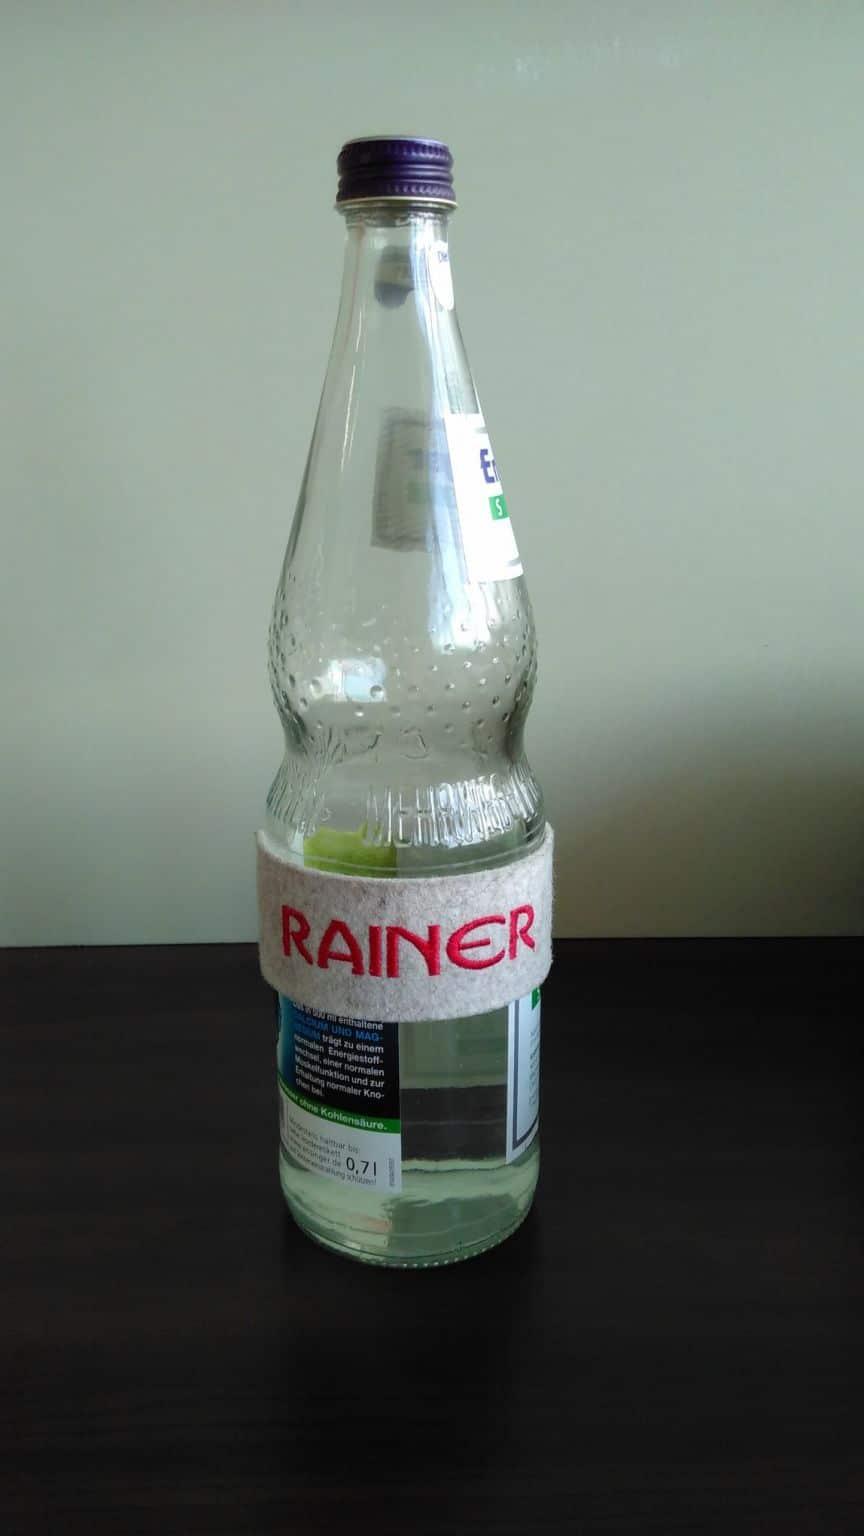 Namensschild an Wasserflasche: Rainer